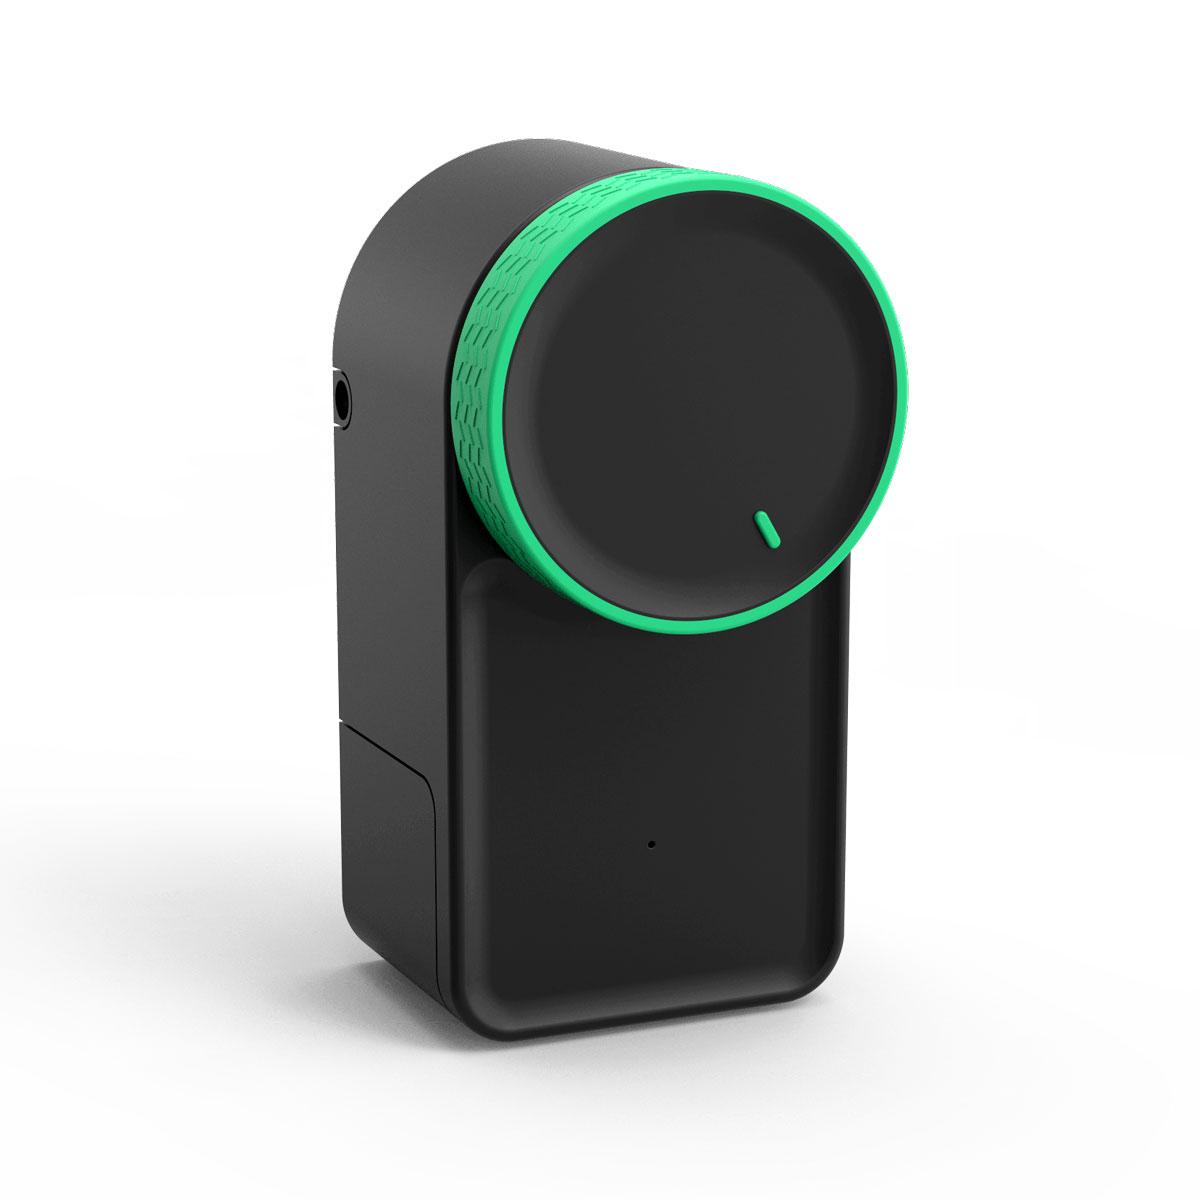 Keymitt Smart Lock with Homekit Full Review